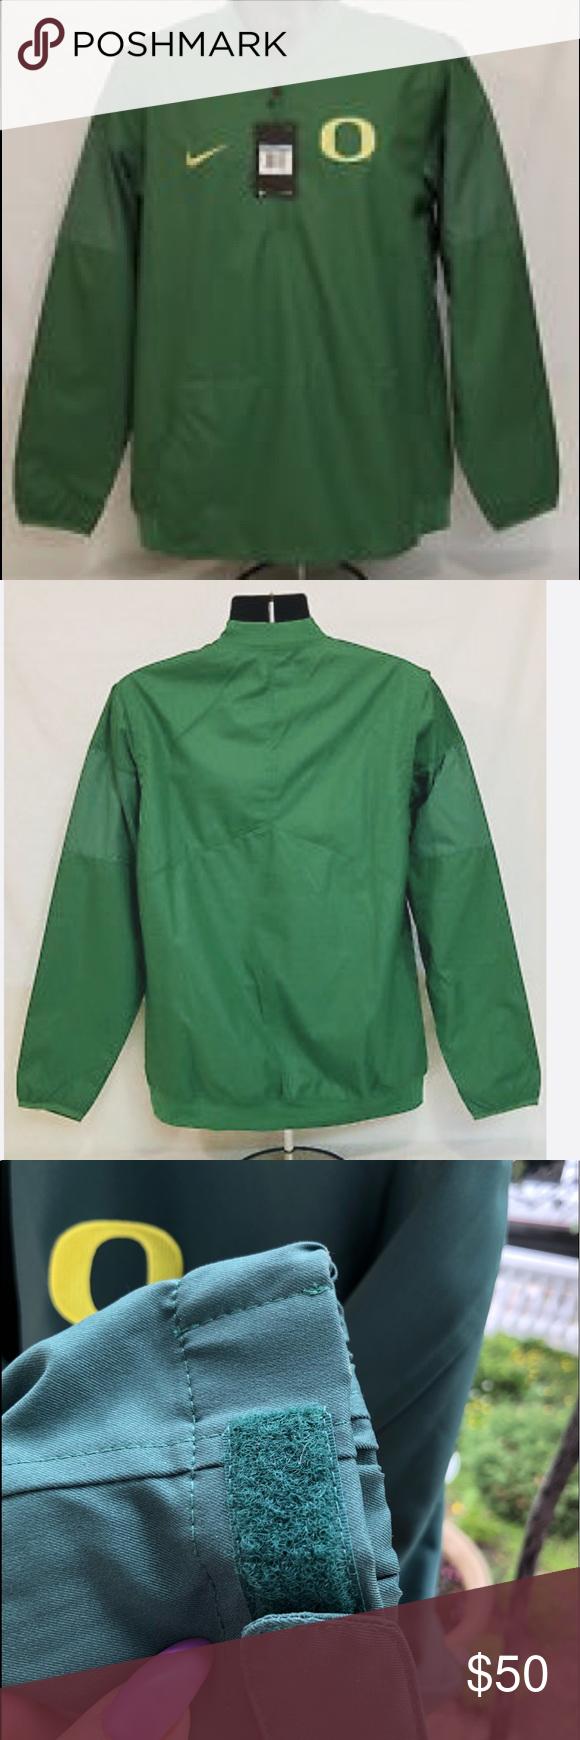 Nwt Nike Dri Fit Performance Jacket Nike Dri Fit Clothes Design Dri Fit [ 1740 x 580 Pixel ]